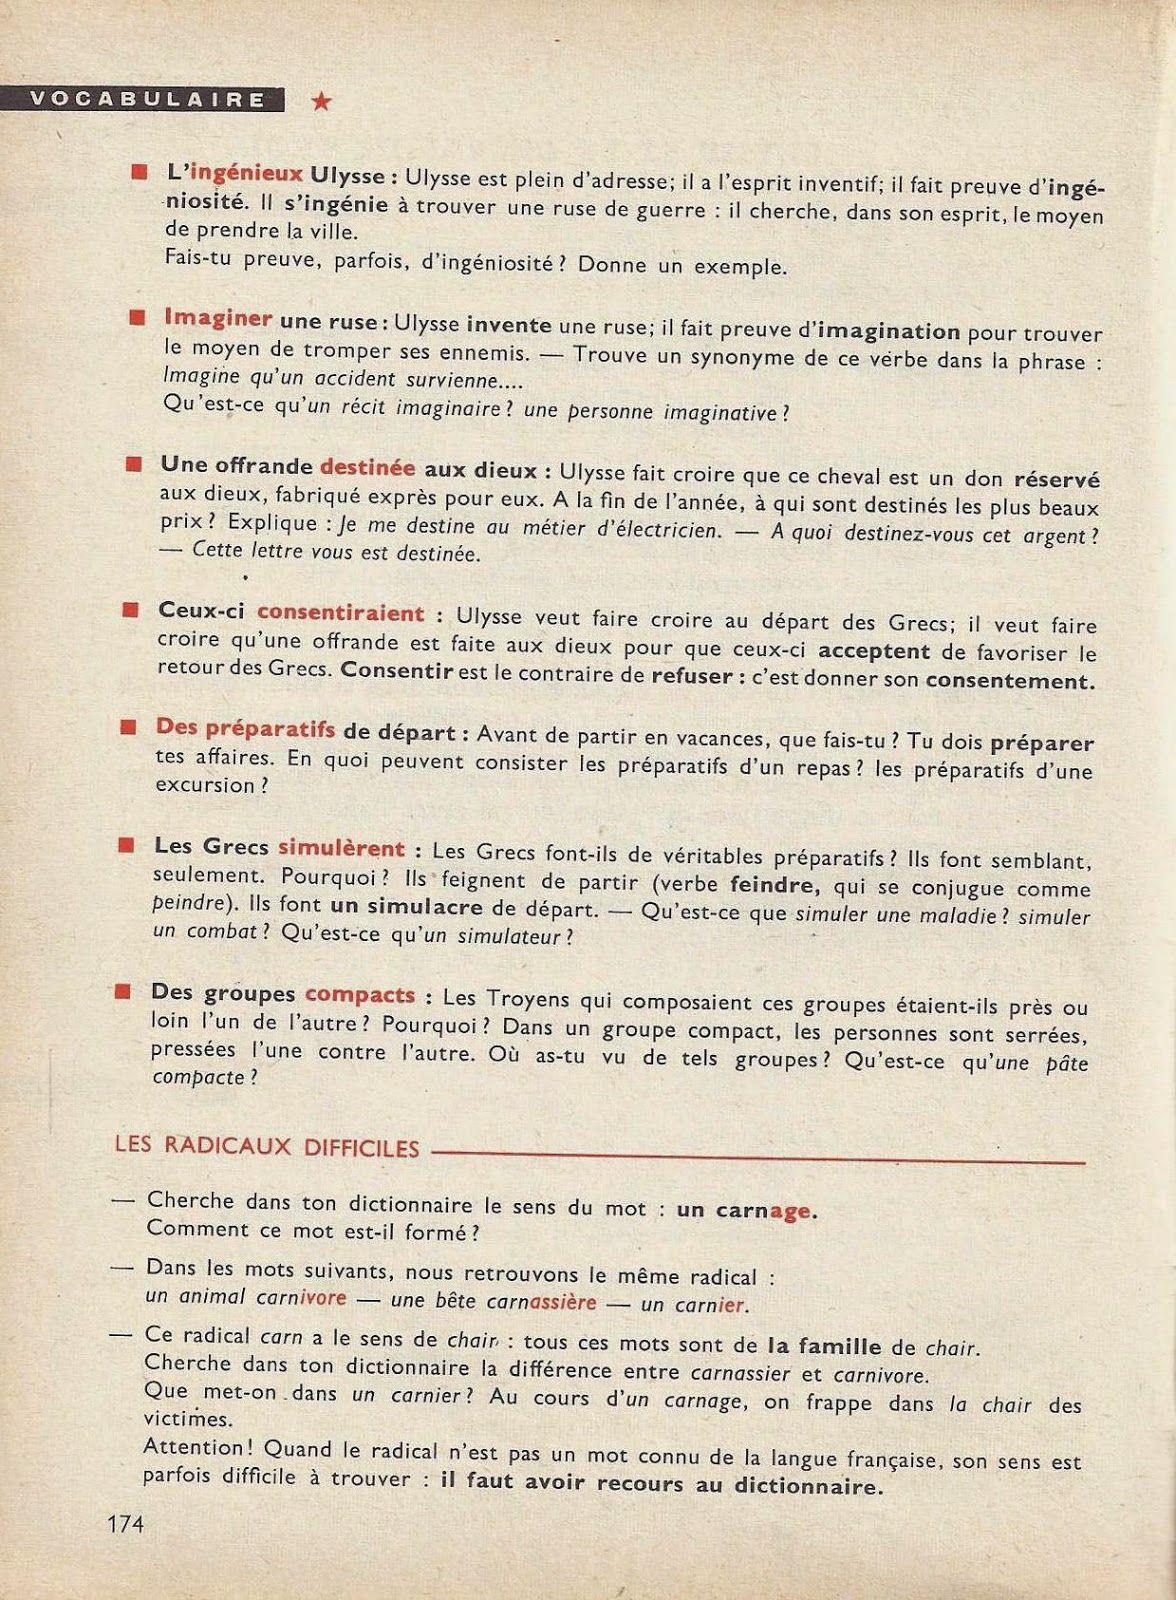 Des Idees Et Des Mots Cm Et Cs Elocution Vocabulaire Orthographe Expression Ecrite 1962 Expression Ecrite Vocabulaire Orthographe